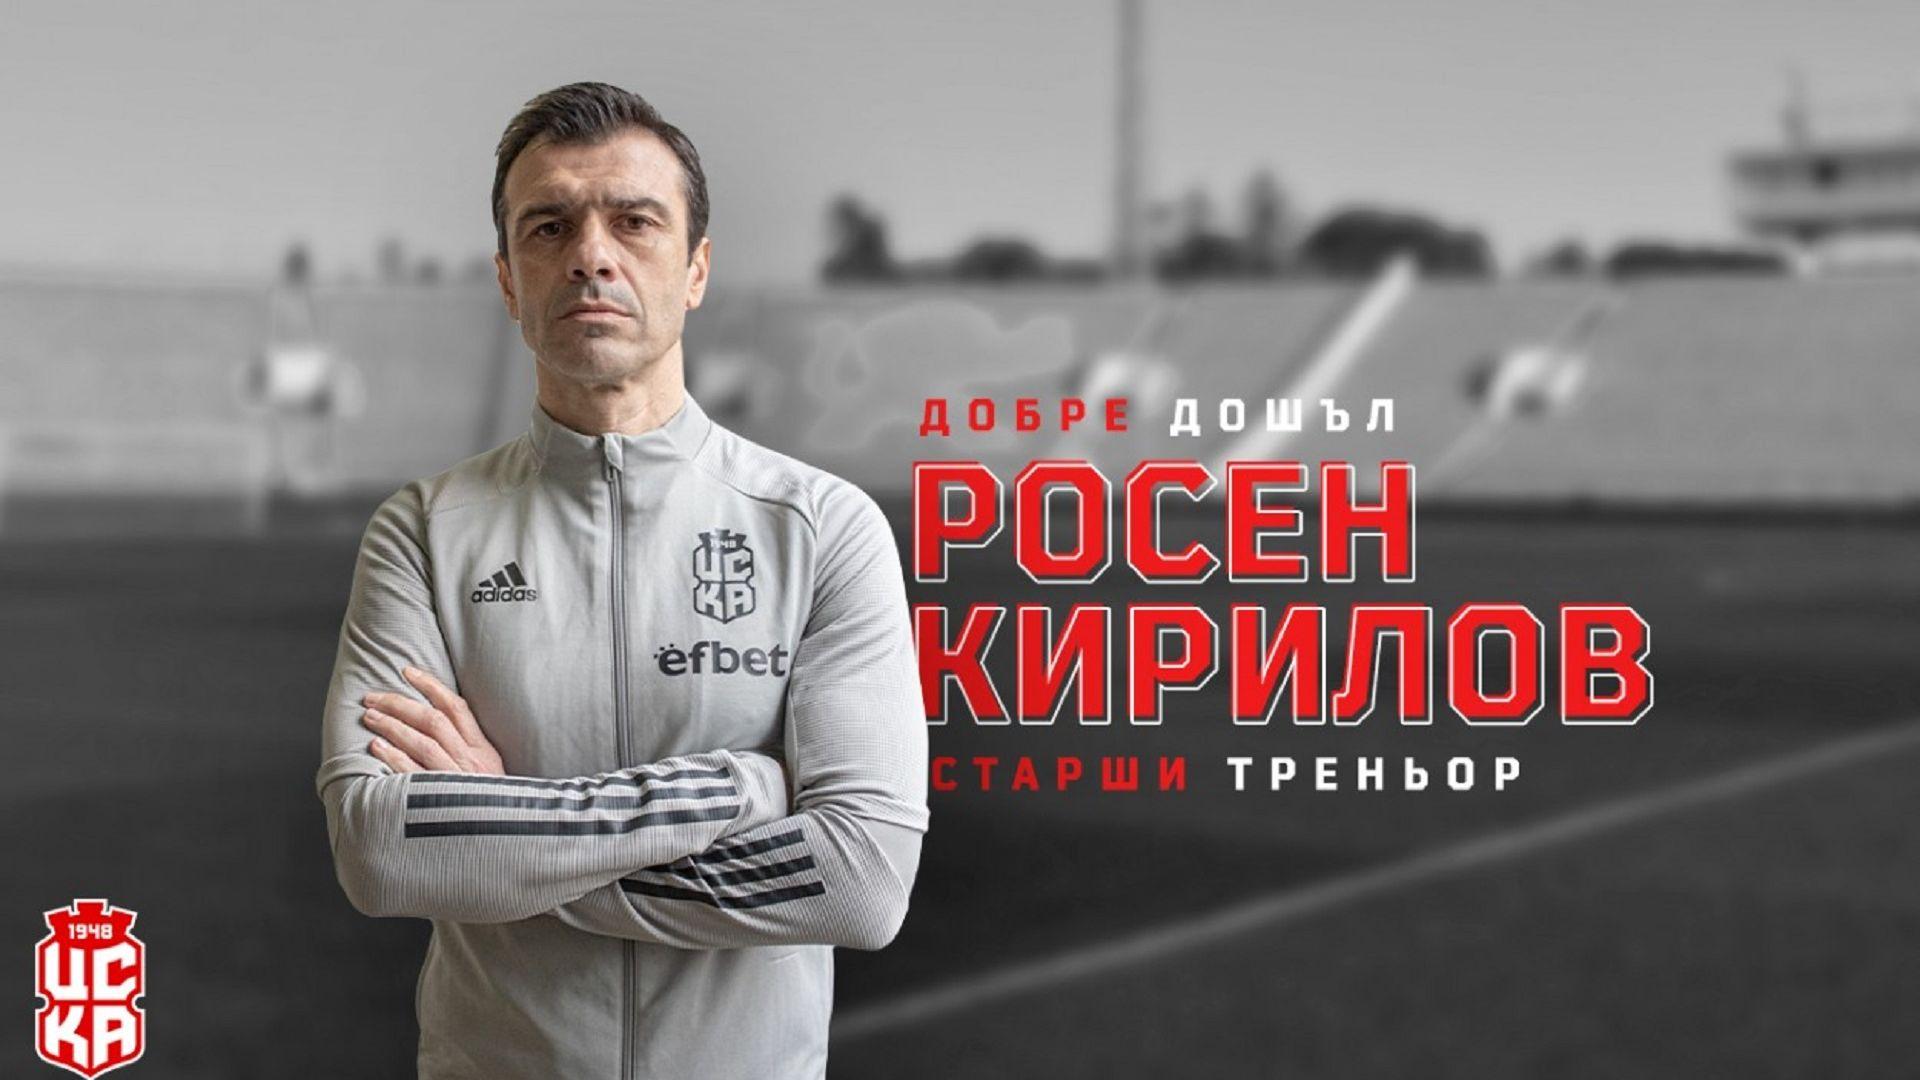 Бившият национал Росен Кирилов е новият треньор на ЦСКА 1948